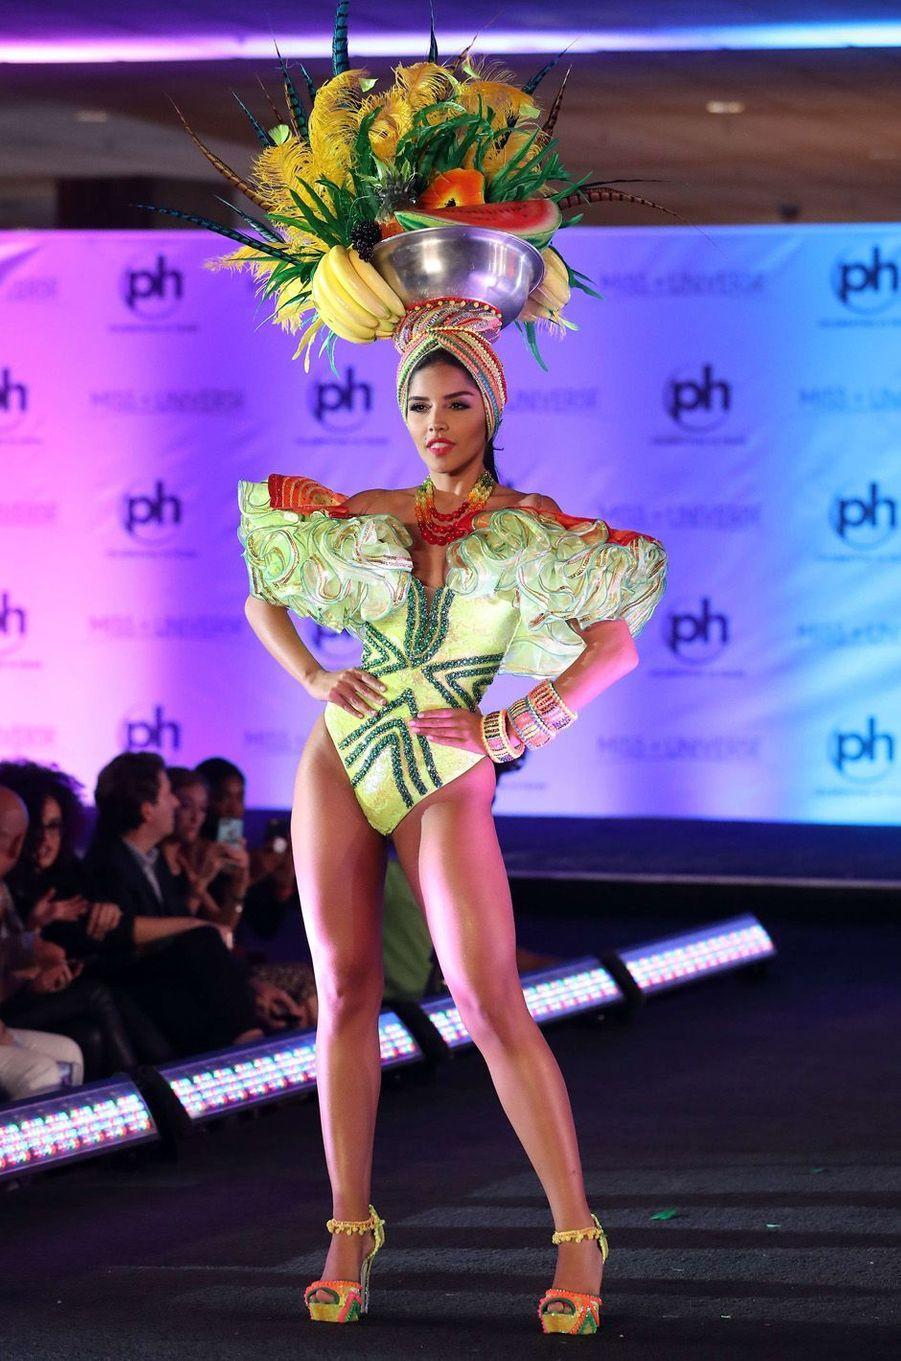 Laura Gonzalez, Miss Colombie,en costume national pour le concours Miss Univers, le 18 novembre 2017 à Las Vegas.